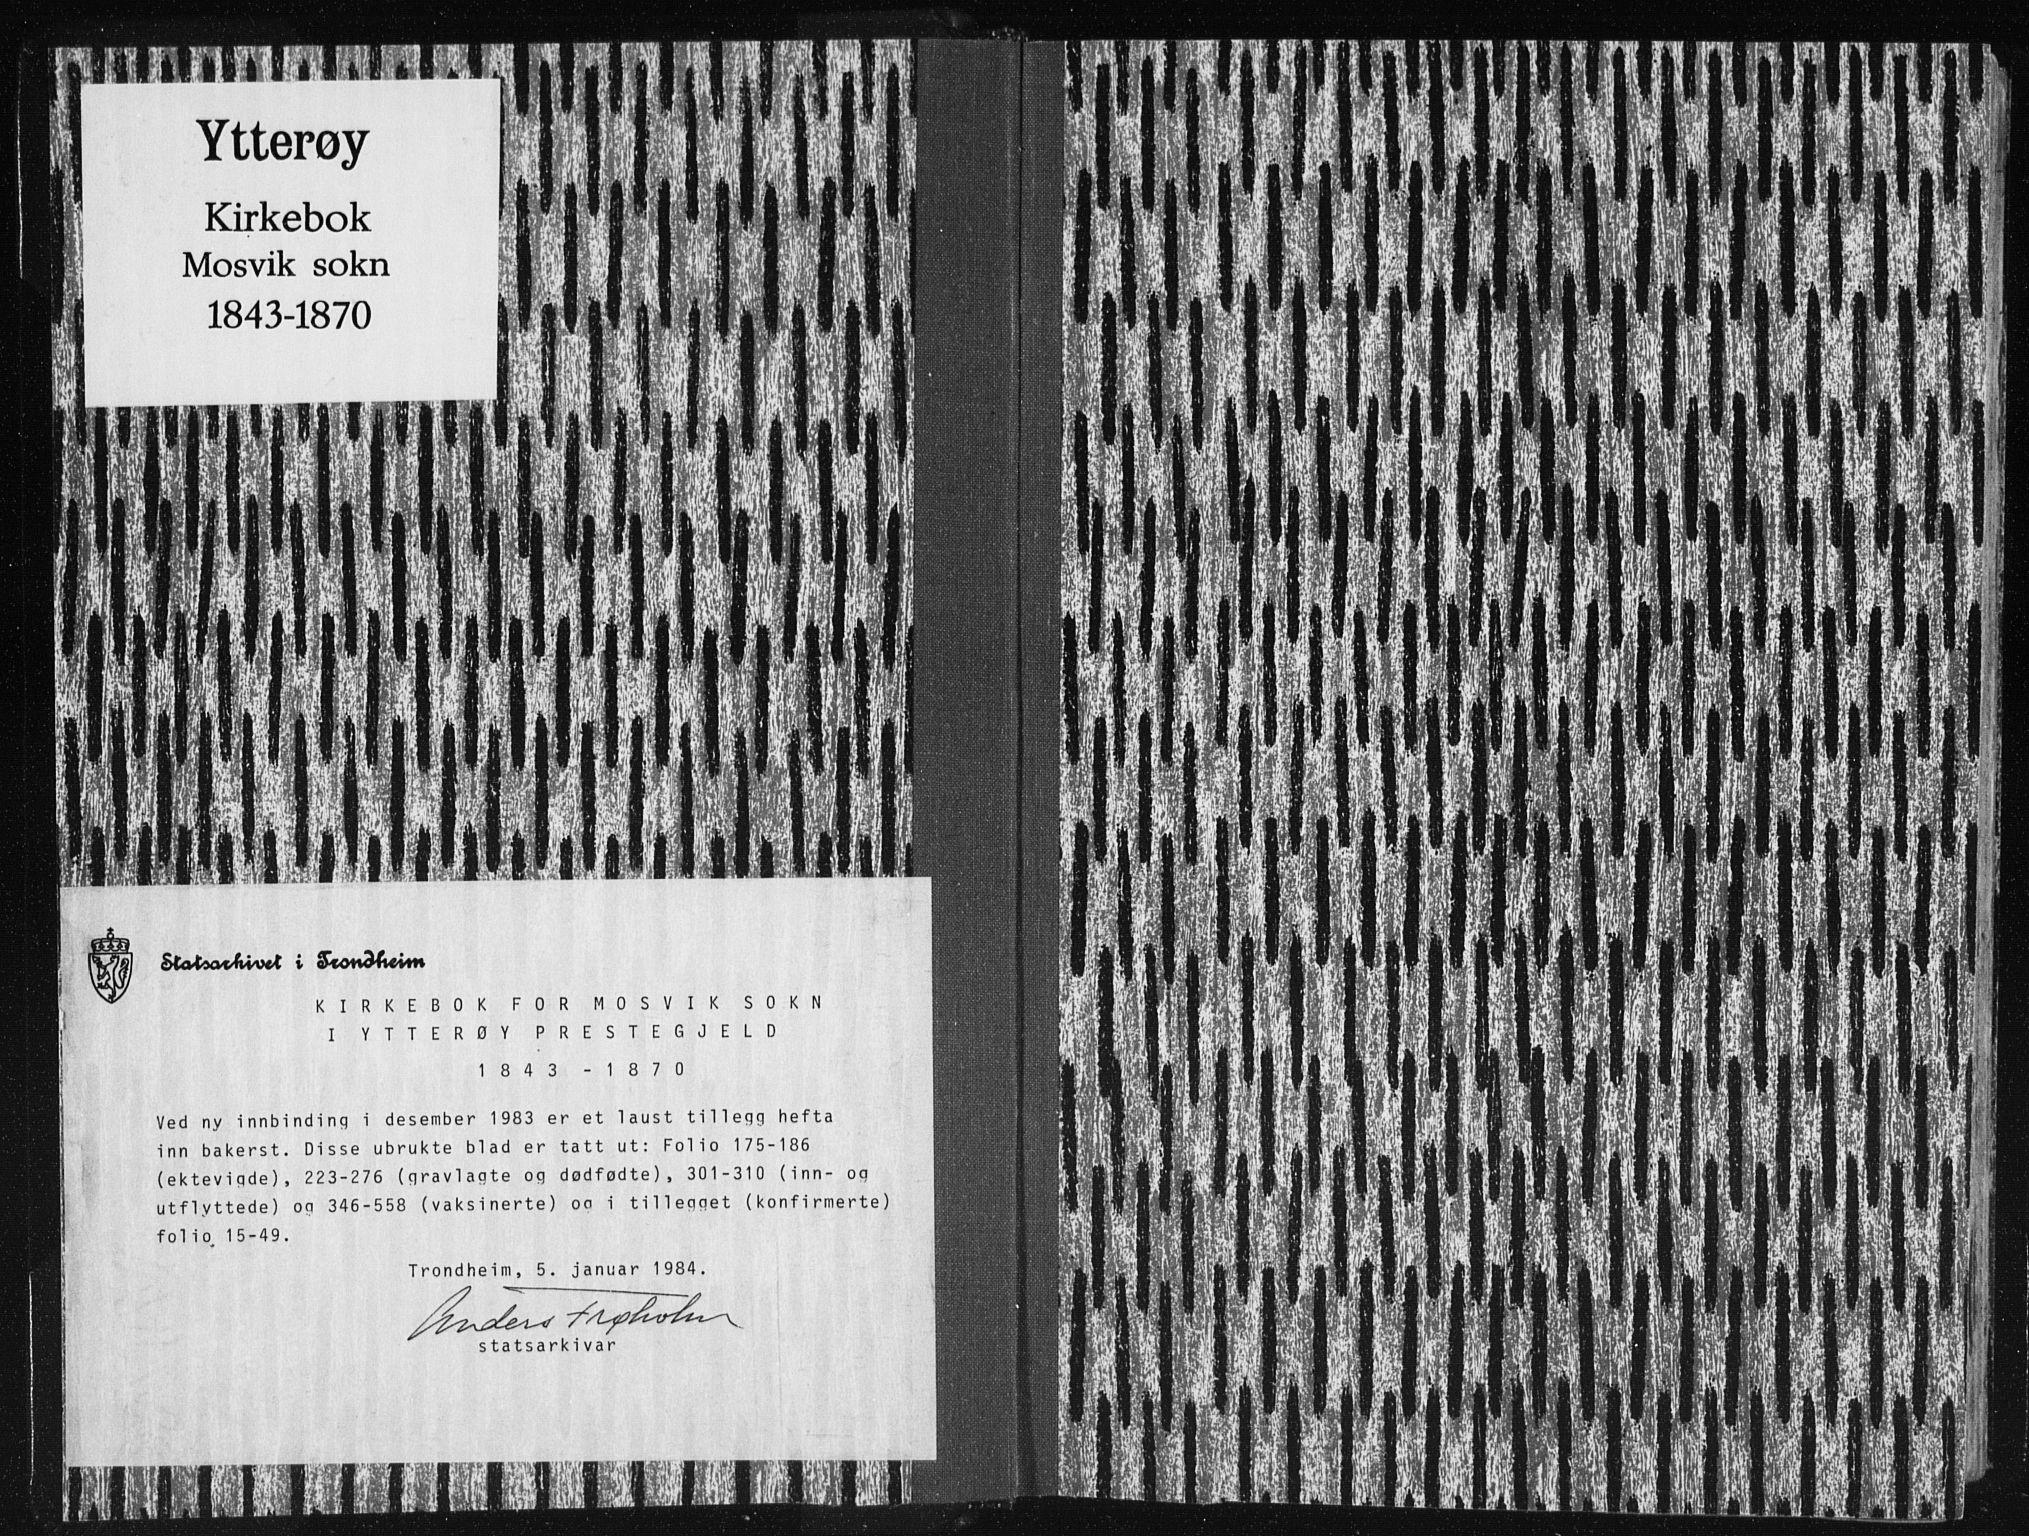 SAT, Ministerialprotokoller, klokkerbøker og fødselsregistre - Nord-Trøndelag, 733/L0323: Ministerialbok nr. 733A02, 1843-1870